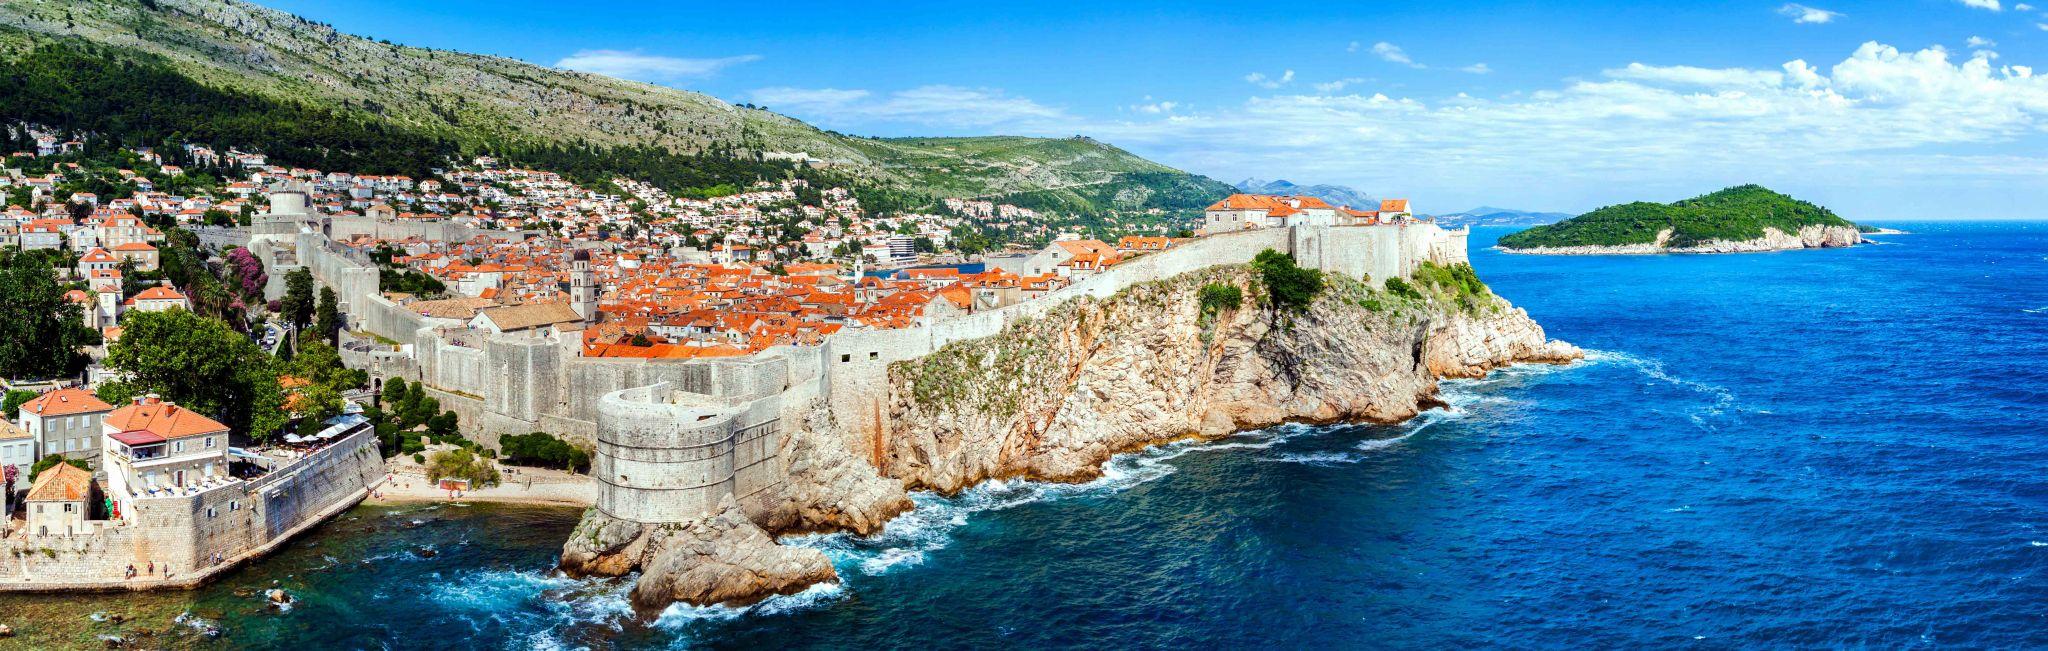 Best Croatia Tours Croatia Vacation Luxury Travel - Croatia tours